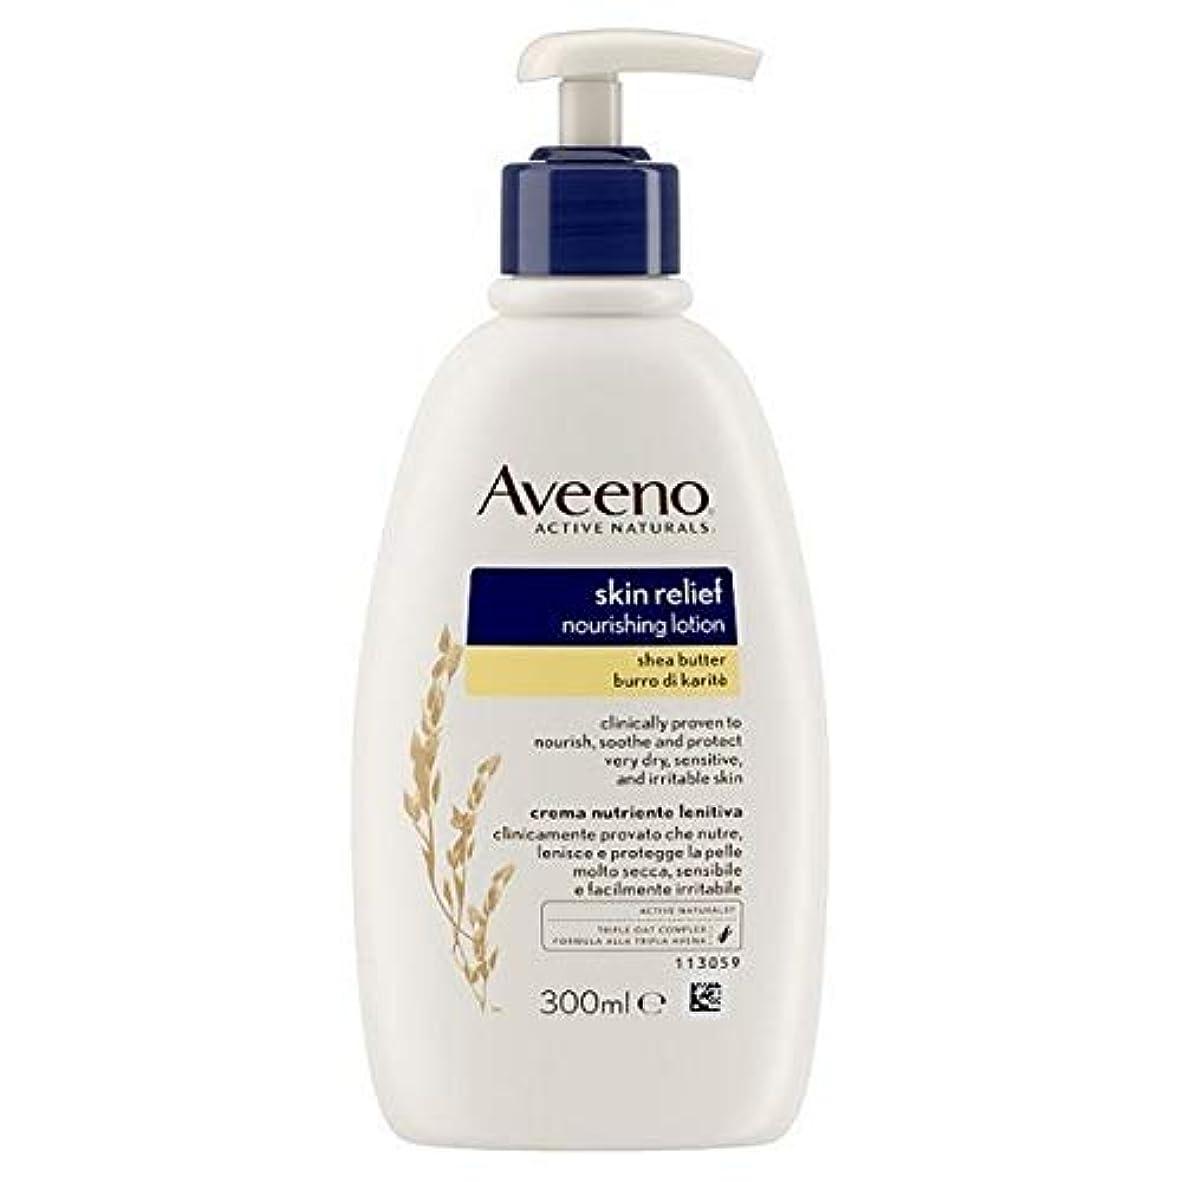 案件深く不平を言う[Aveeno] Aveenoスキンリリーフローション300ミリリットル - Aveeno Skin Relief Lotion 300ml [並行輸入品]